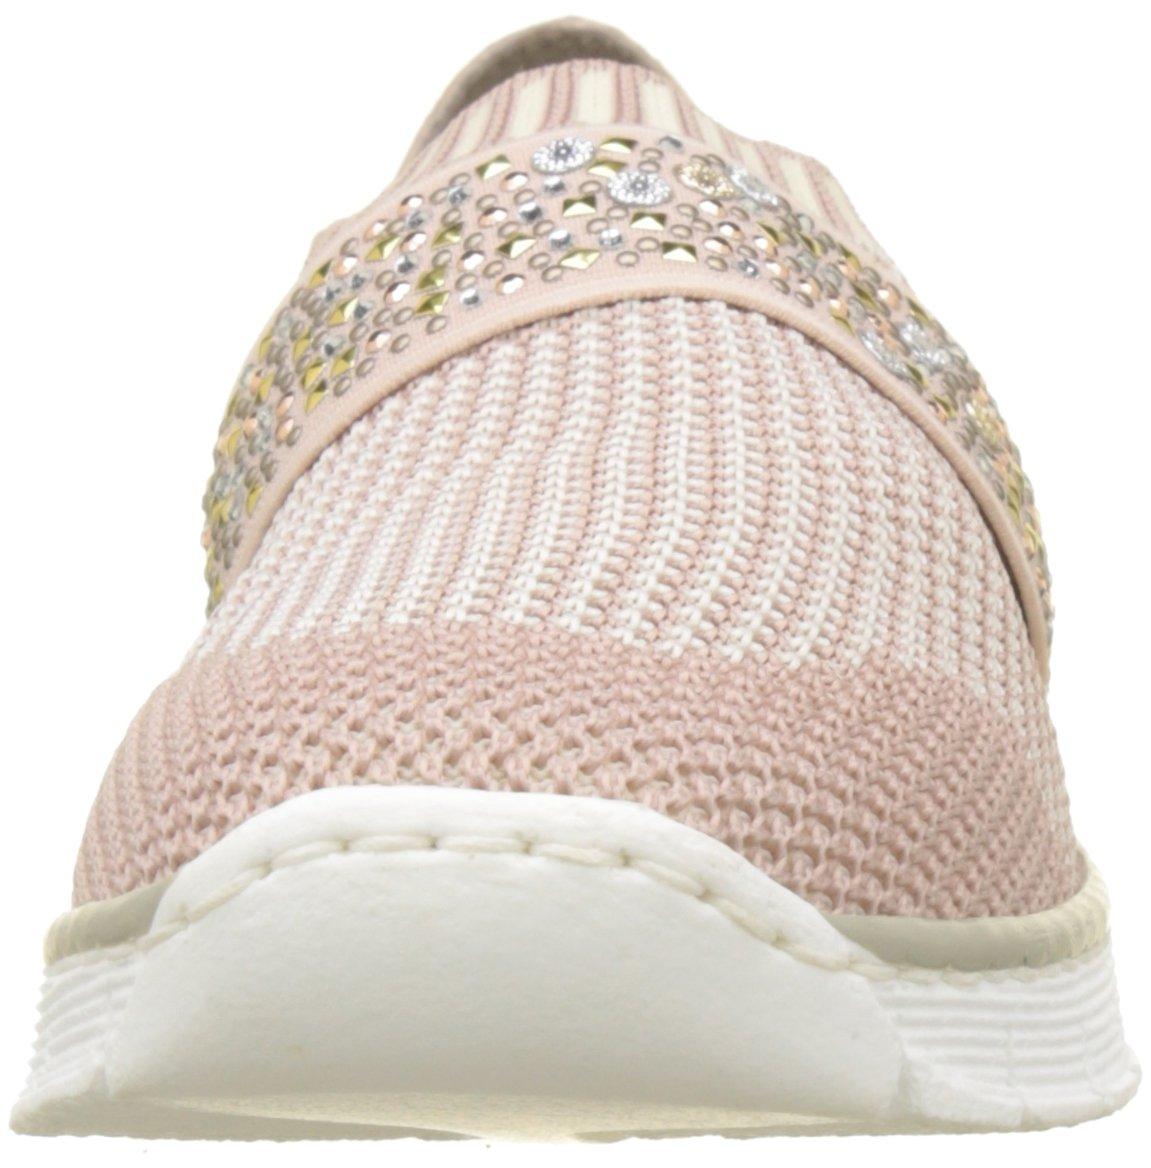 Rieker Damen Slipper 537t6 Slipper Damen Pink (Altrosa-beige/Altrosa/Rose) 6ef1b0